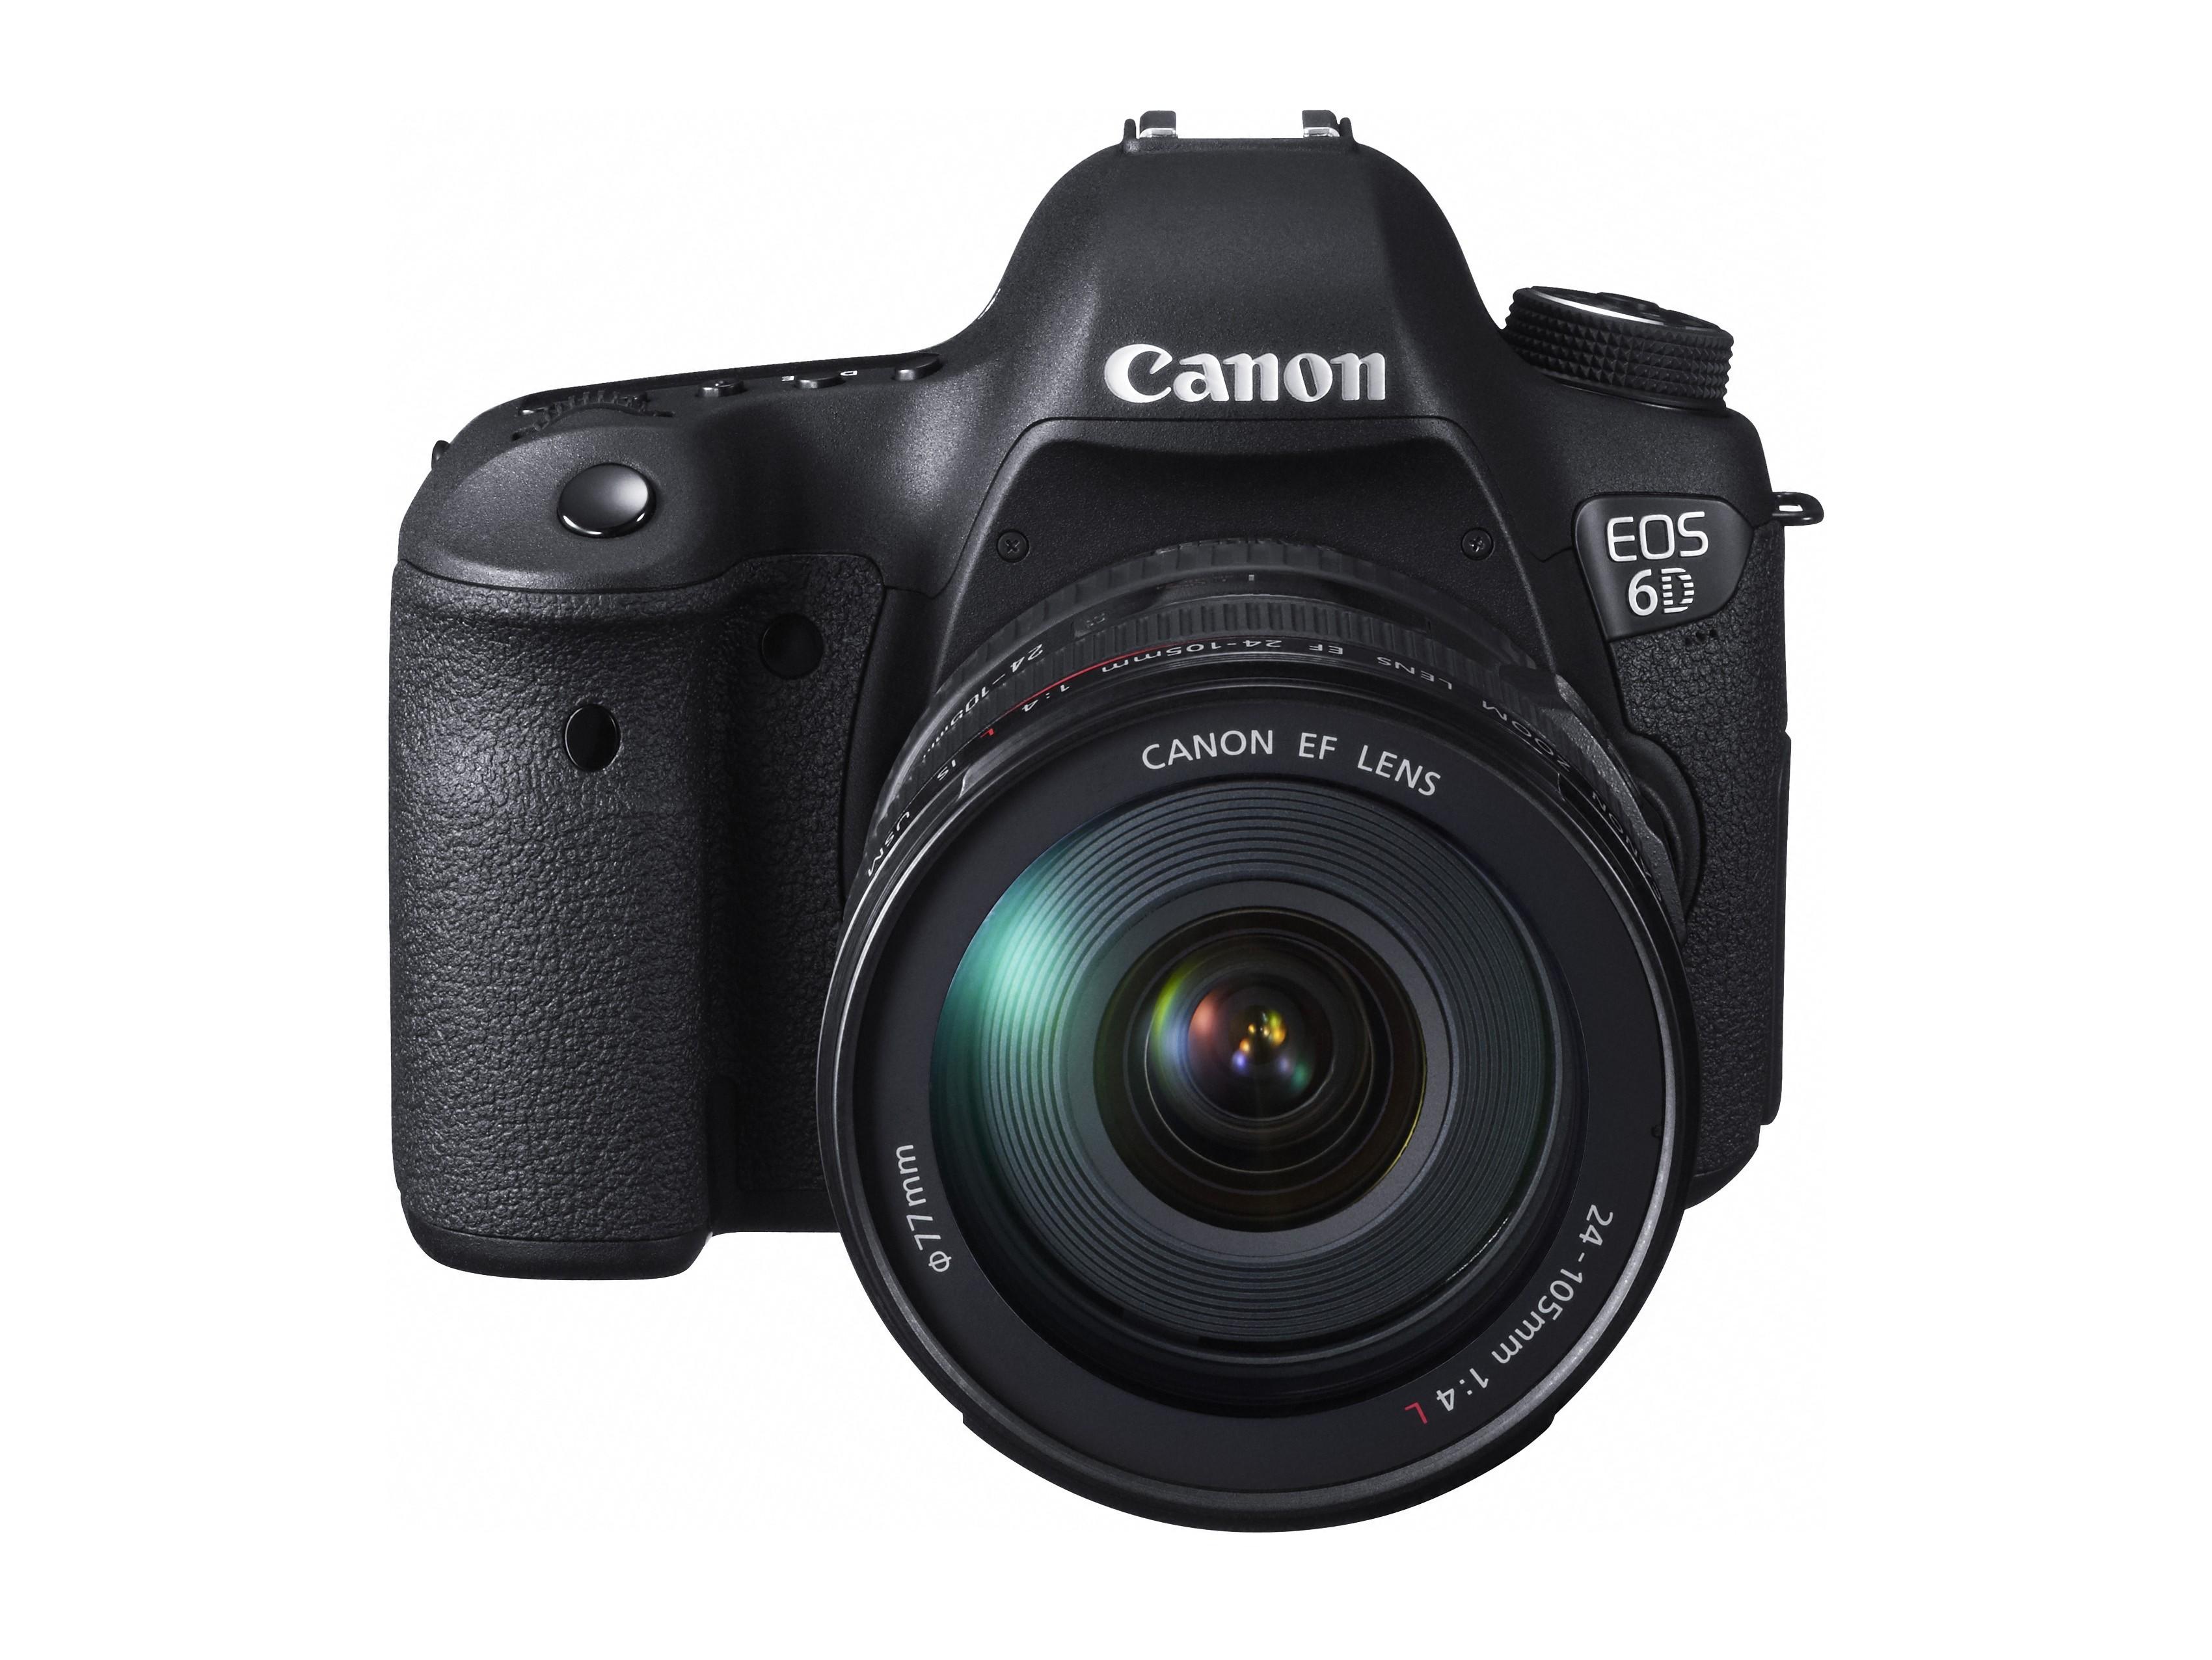 Camara fotografica canon profesional 2012 33